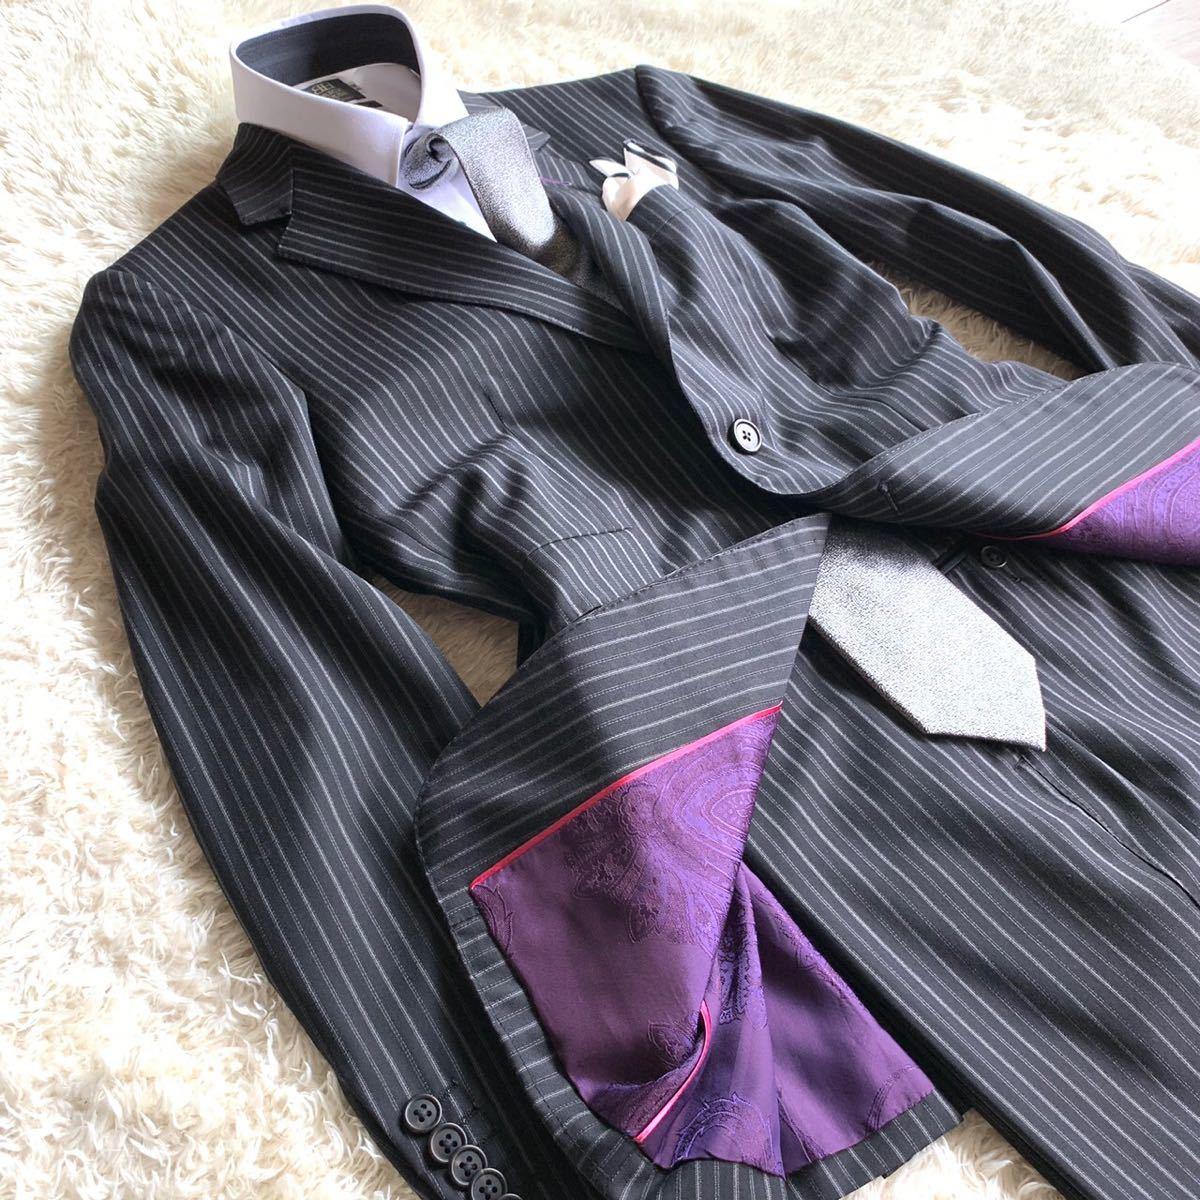 【裏地鮮やか】★伊製 ゼニア ×Paul Smith LONDON ポールスミス ロンドン シングルスーツ セットアップ メンズ ストライプ柄 Mサイズ_画像3